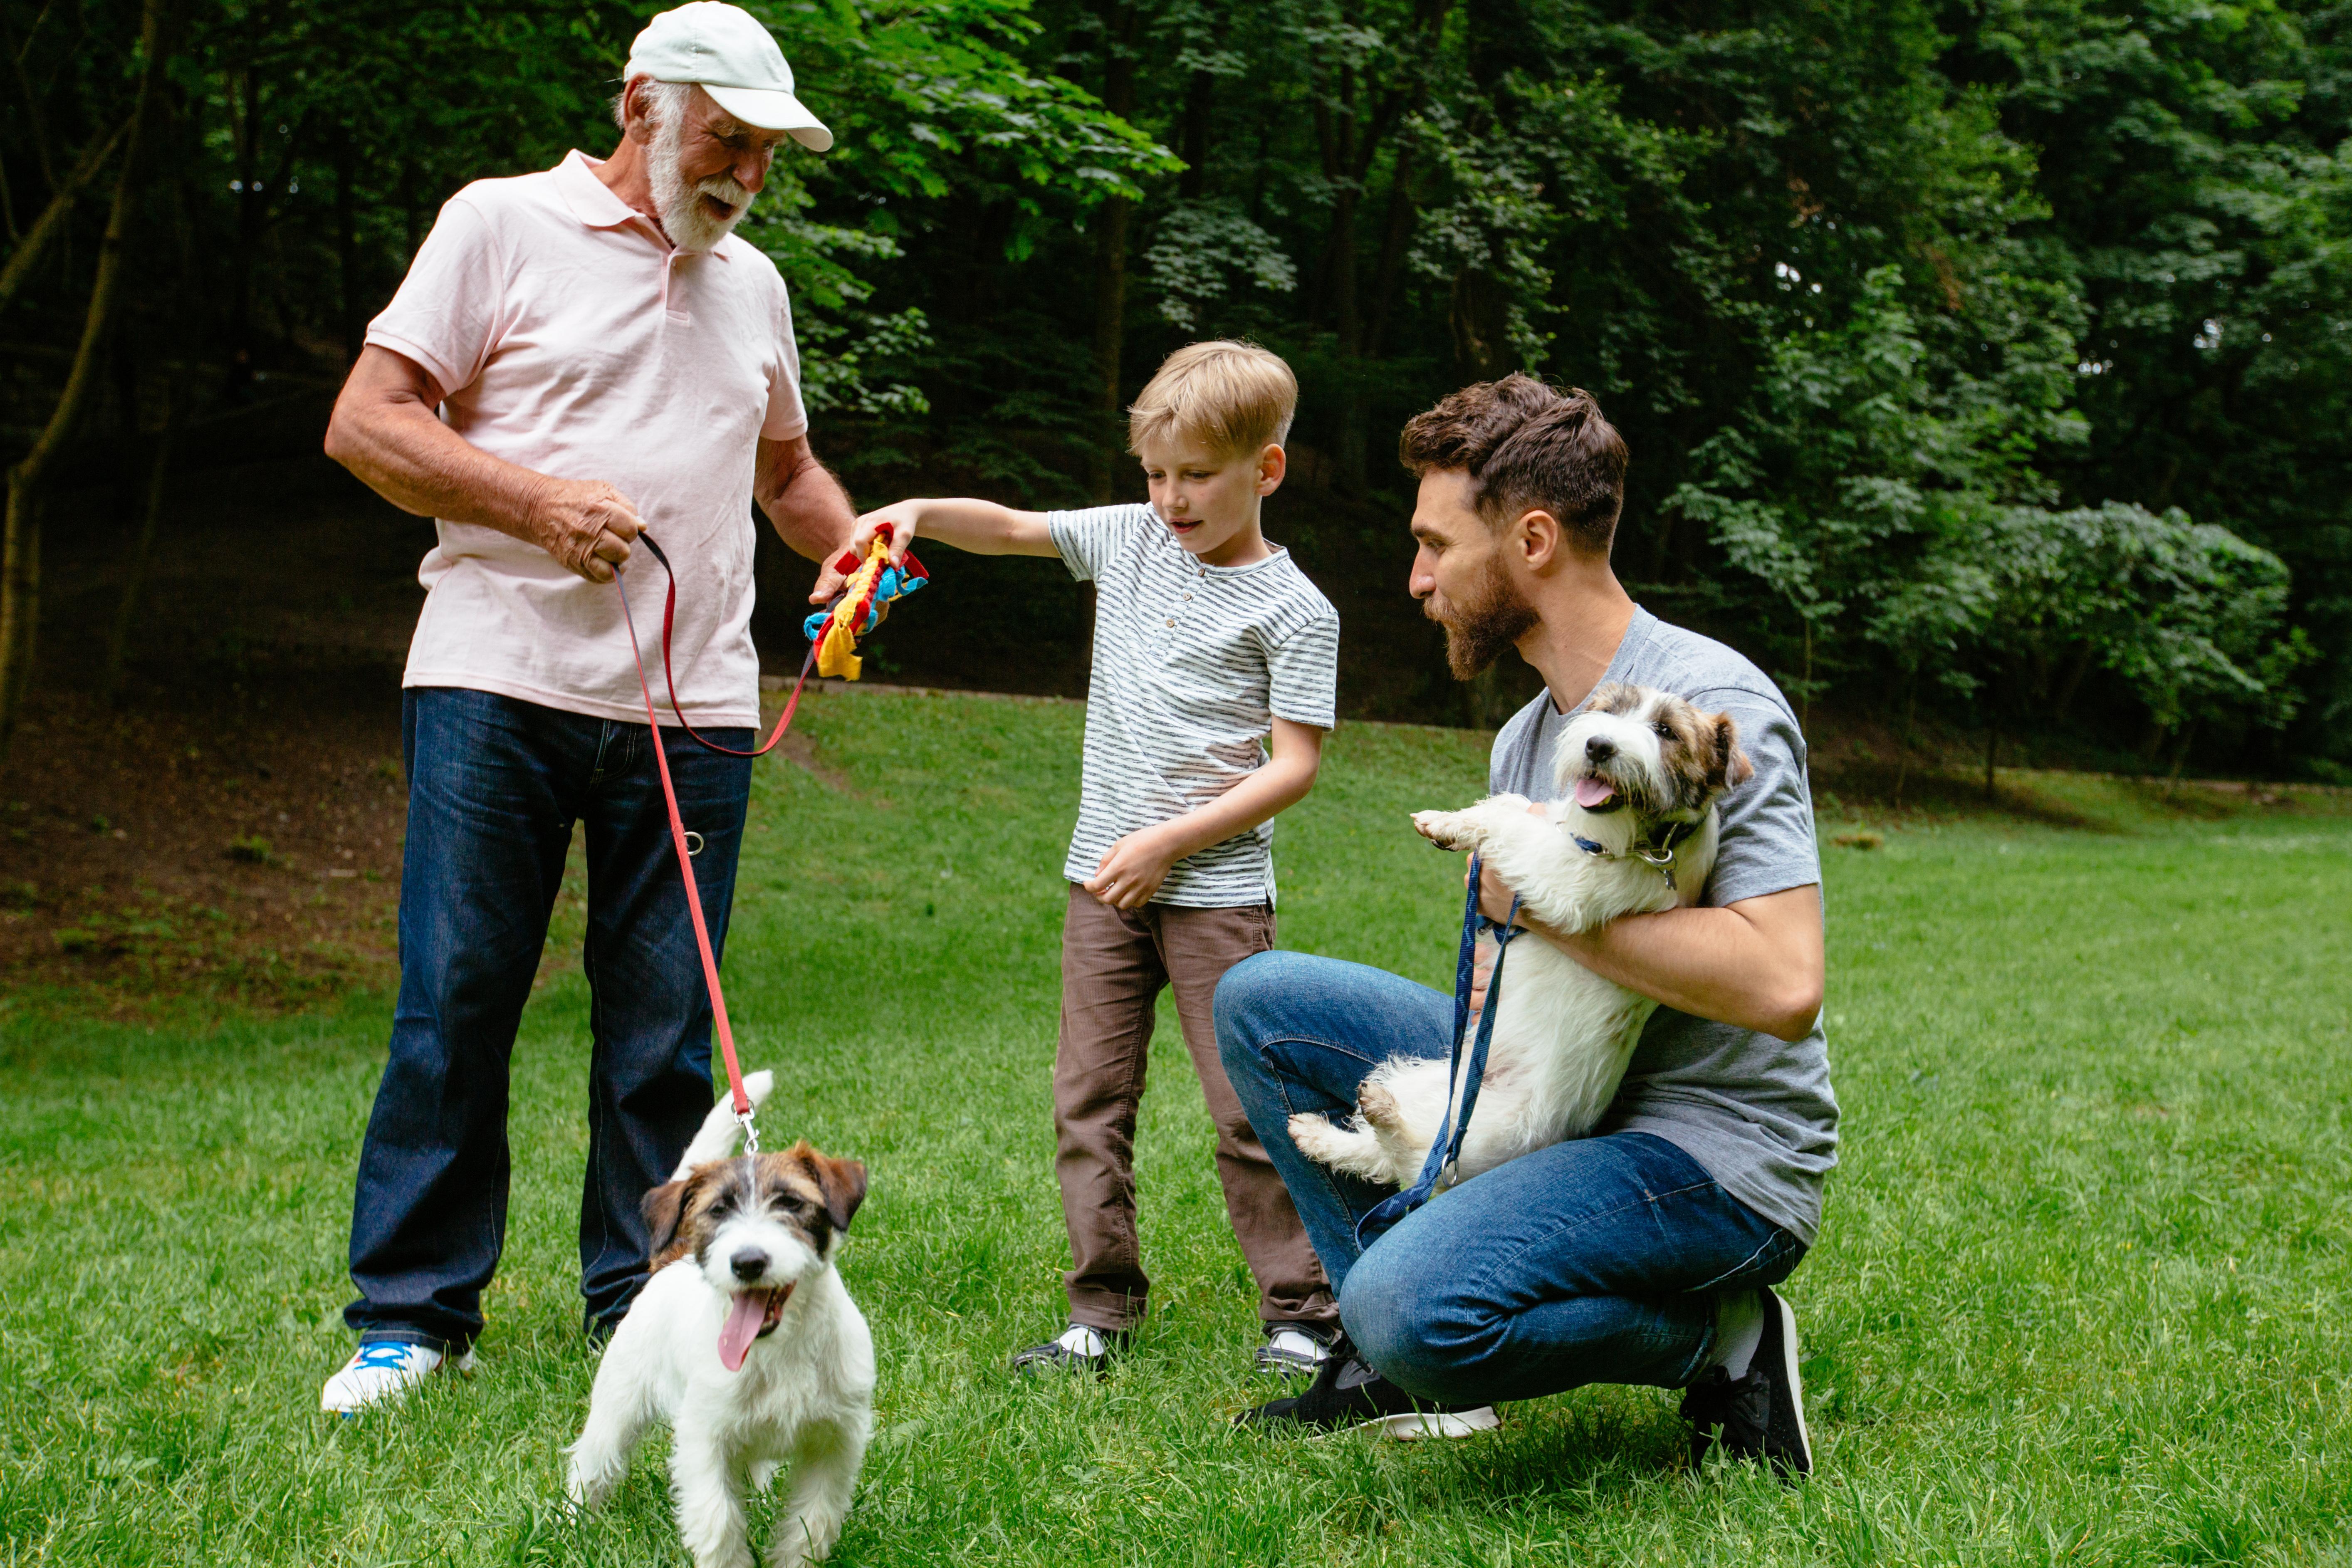 4 pravila za prijateljski odnos med otrokom in psom